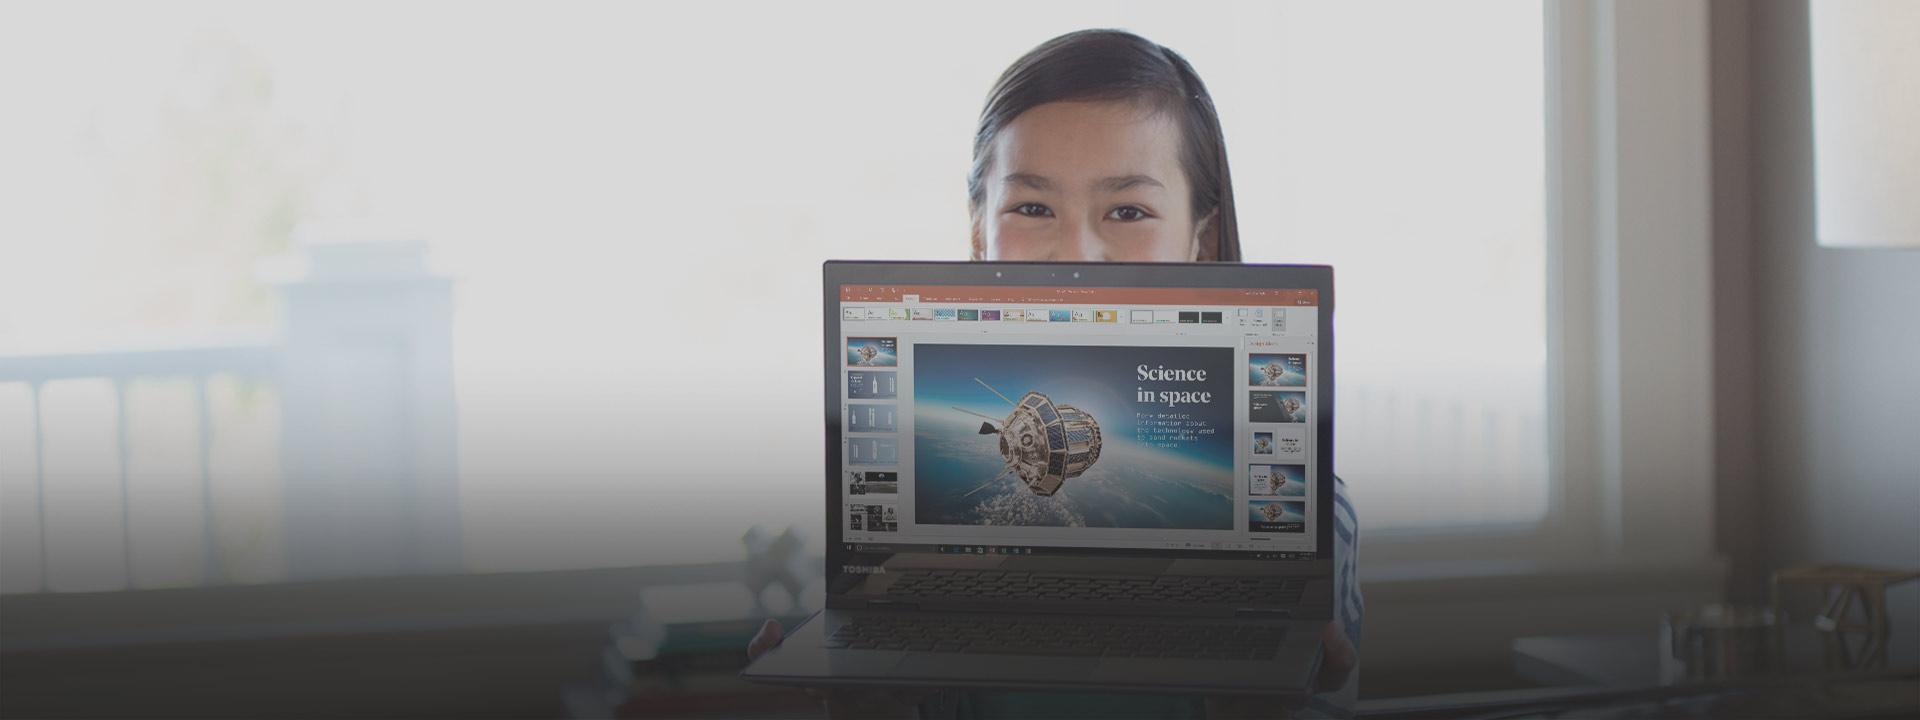 PC, tìm hiểu về Office 365